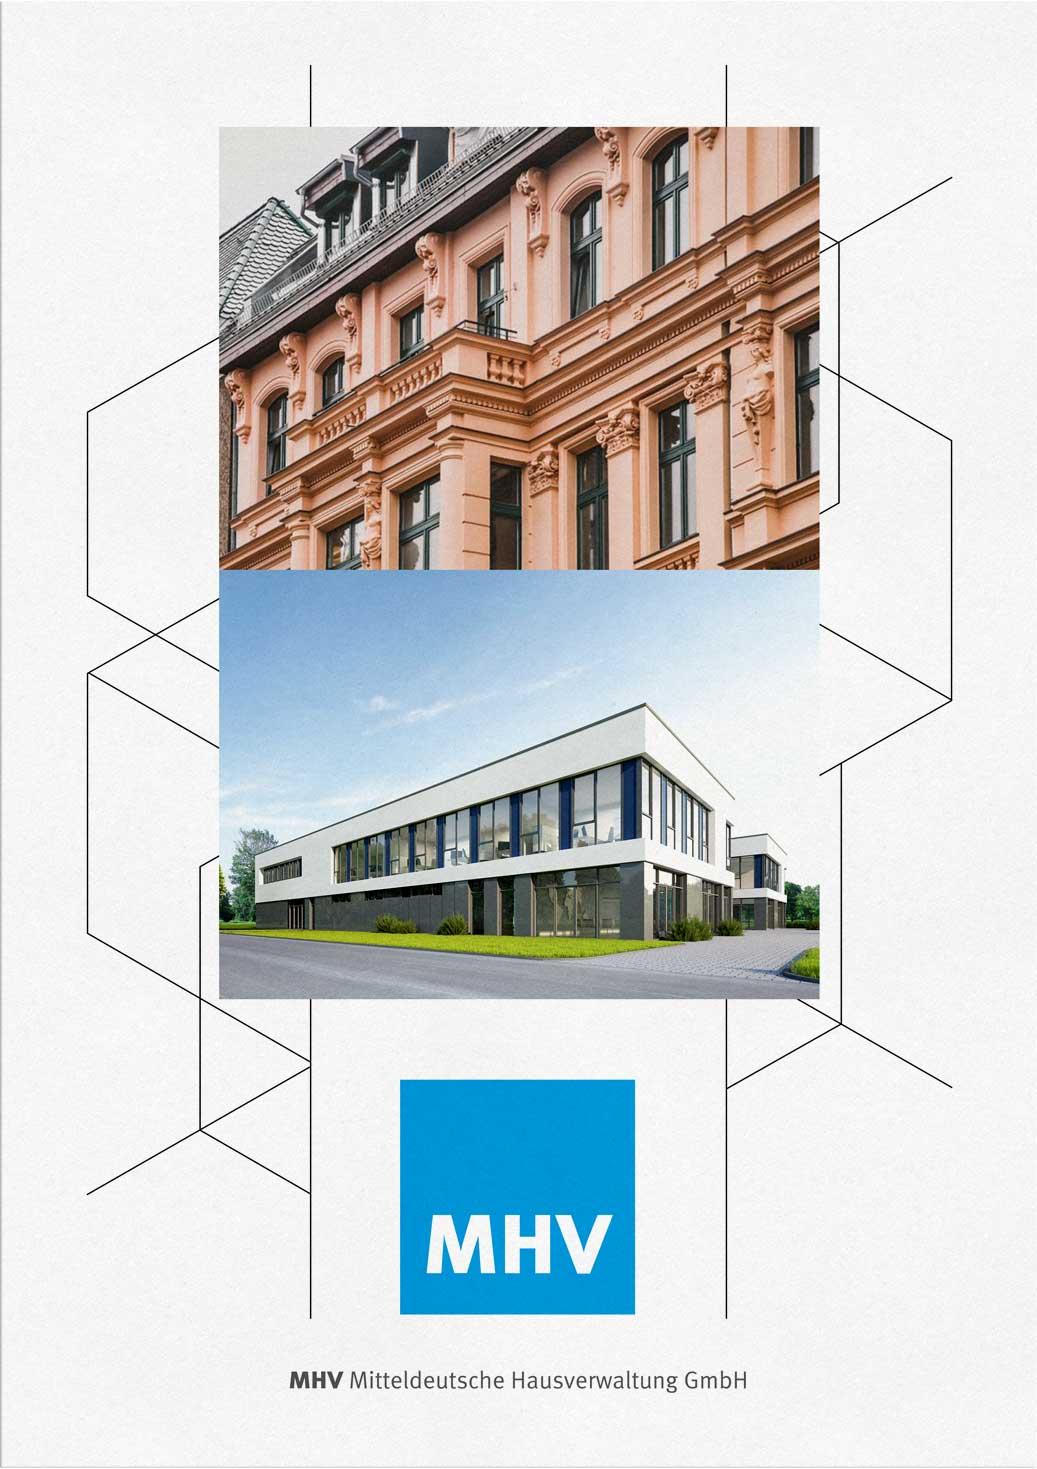 MHV - Mitteldeutsche Hausverwaltung GmbH